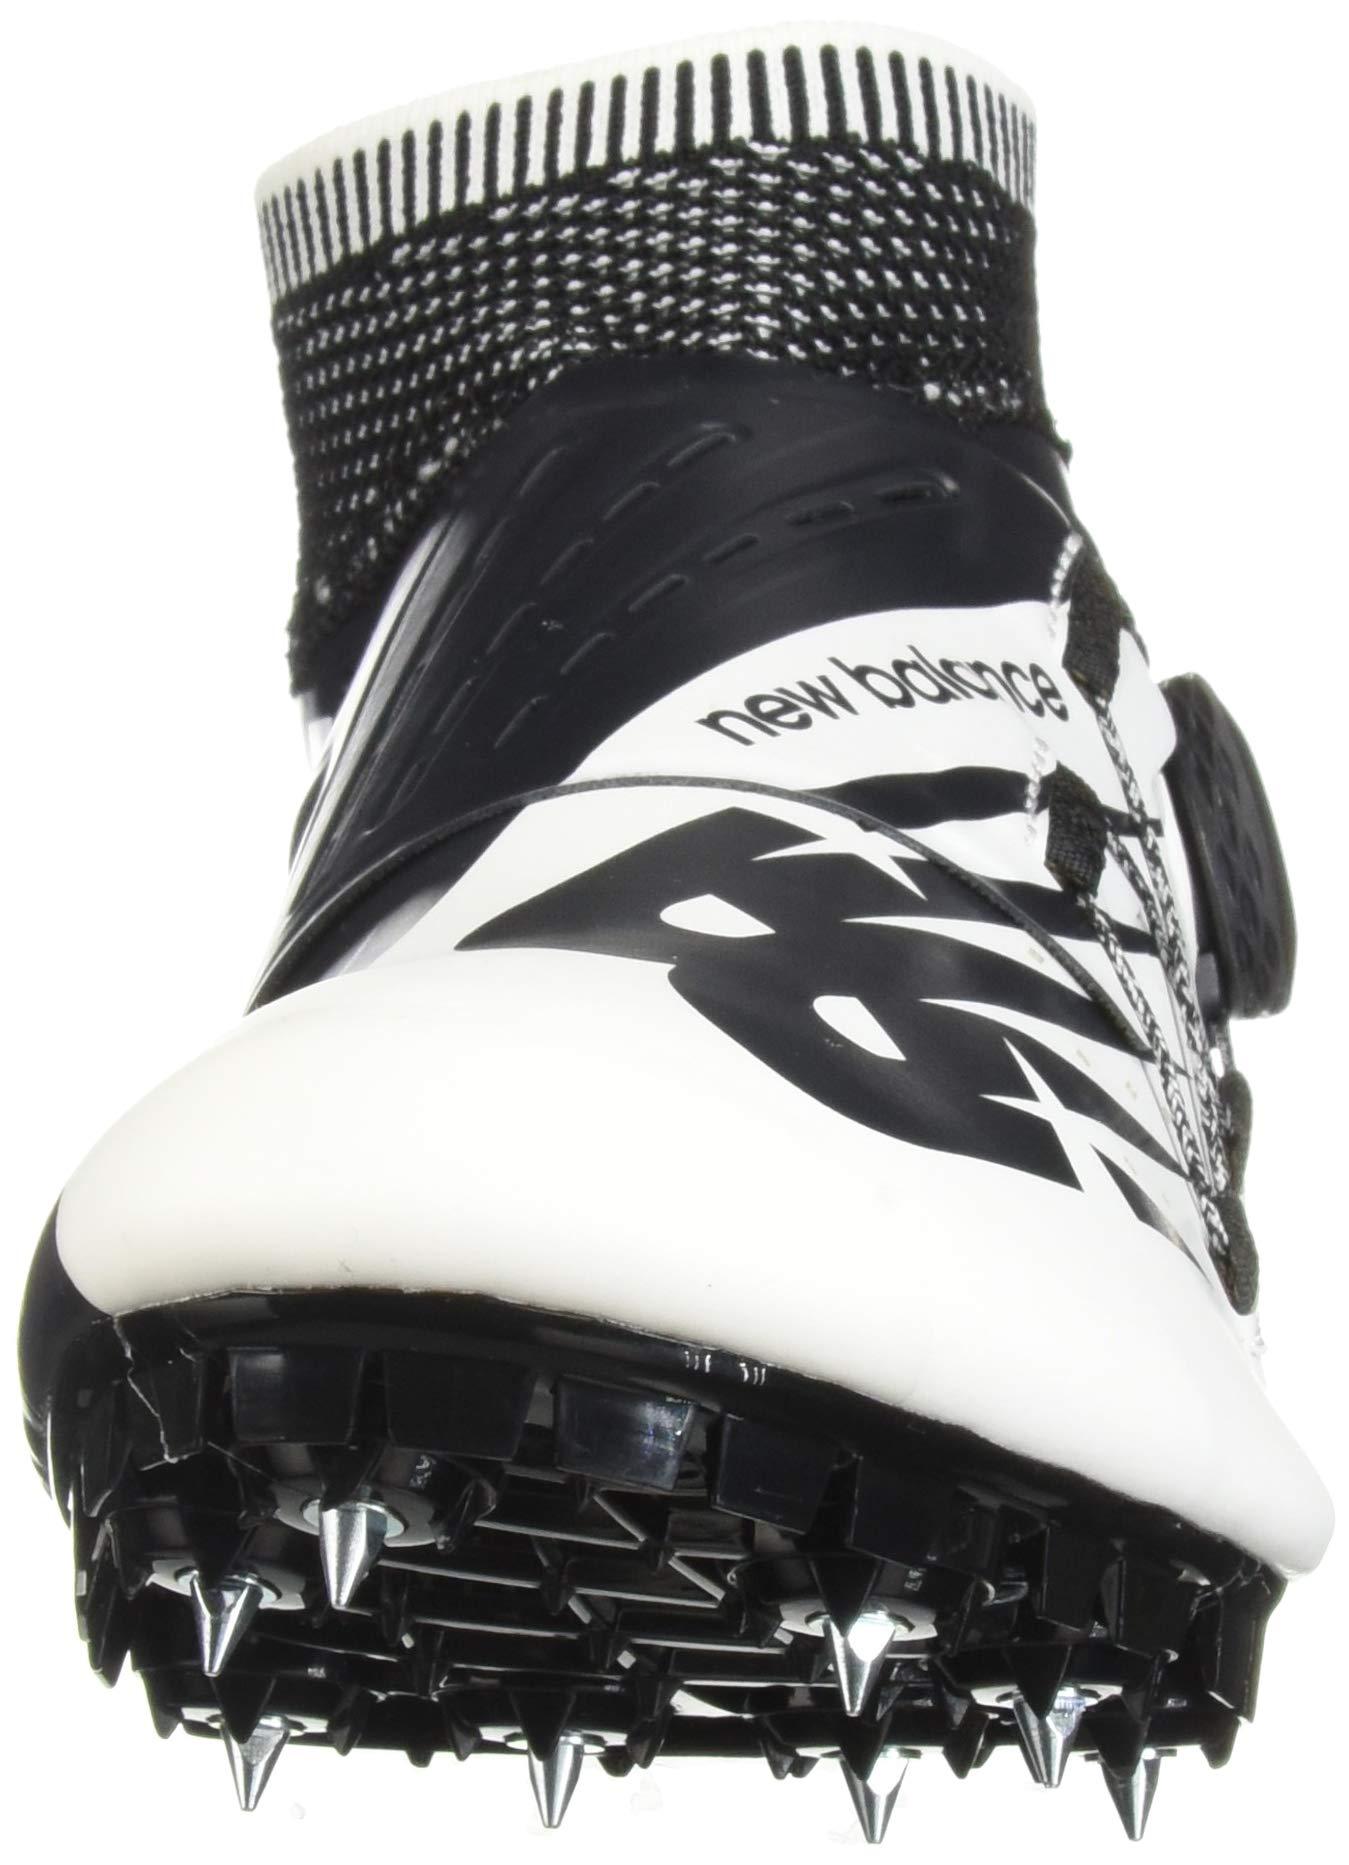 New Balance Men's Sigma V2 Vazee Track Shoe White/Black 4 D US by New Balance (Image #4)